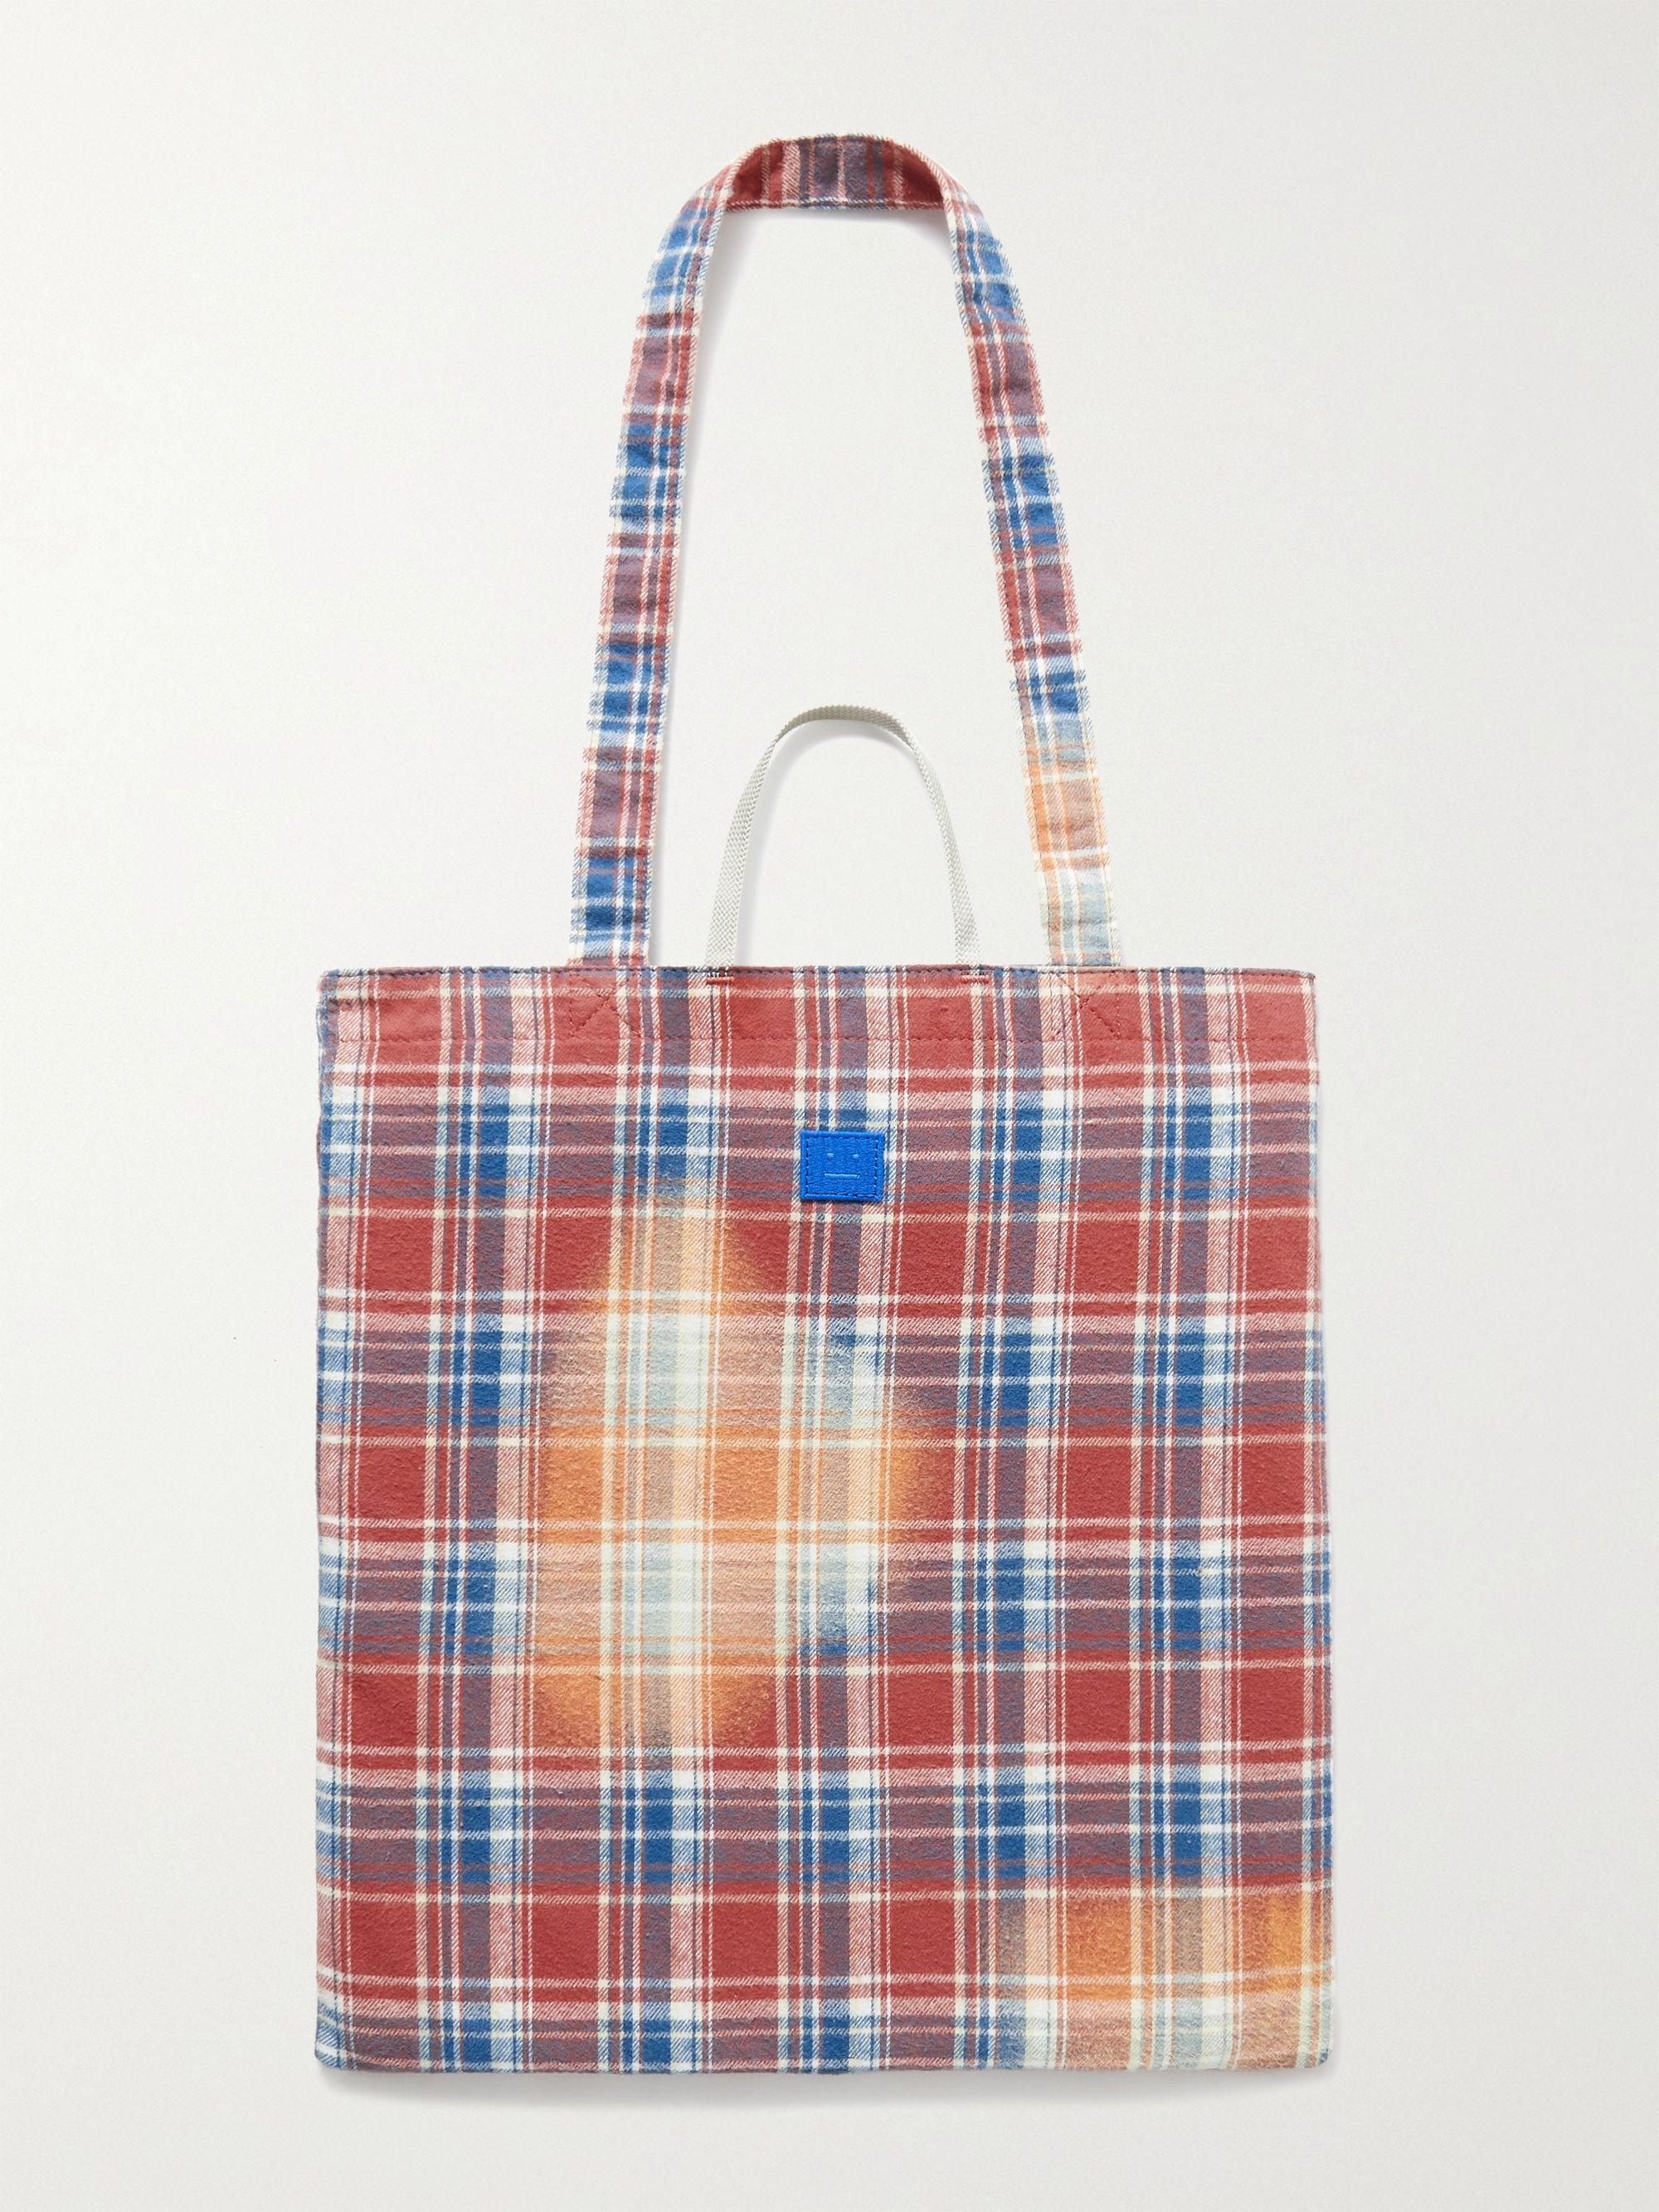 아크네 스튜디오 체크 토트백 Acne Studios Printed Checked Cotton-Flannel Tote Bag,Pink